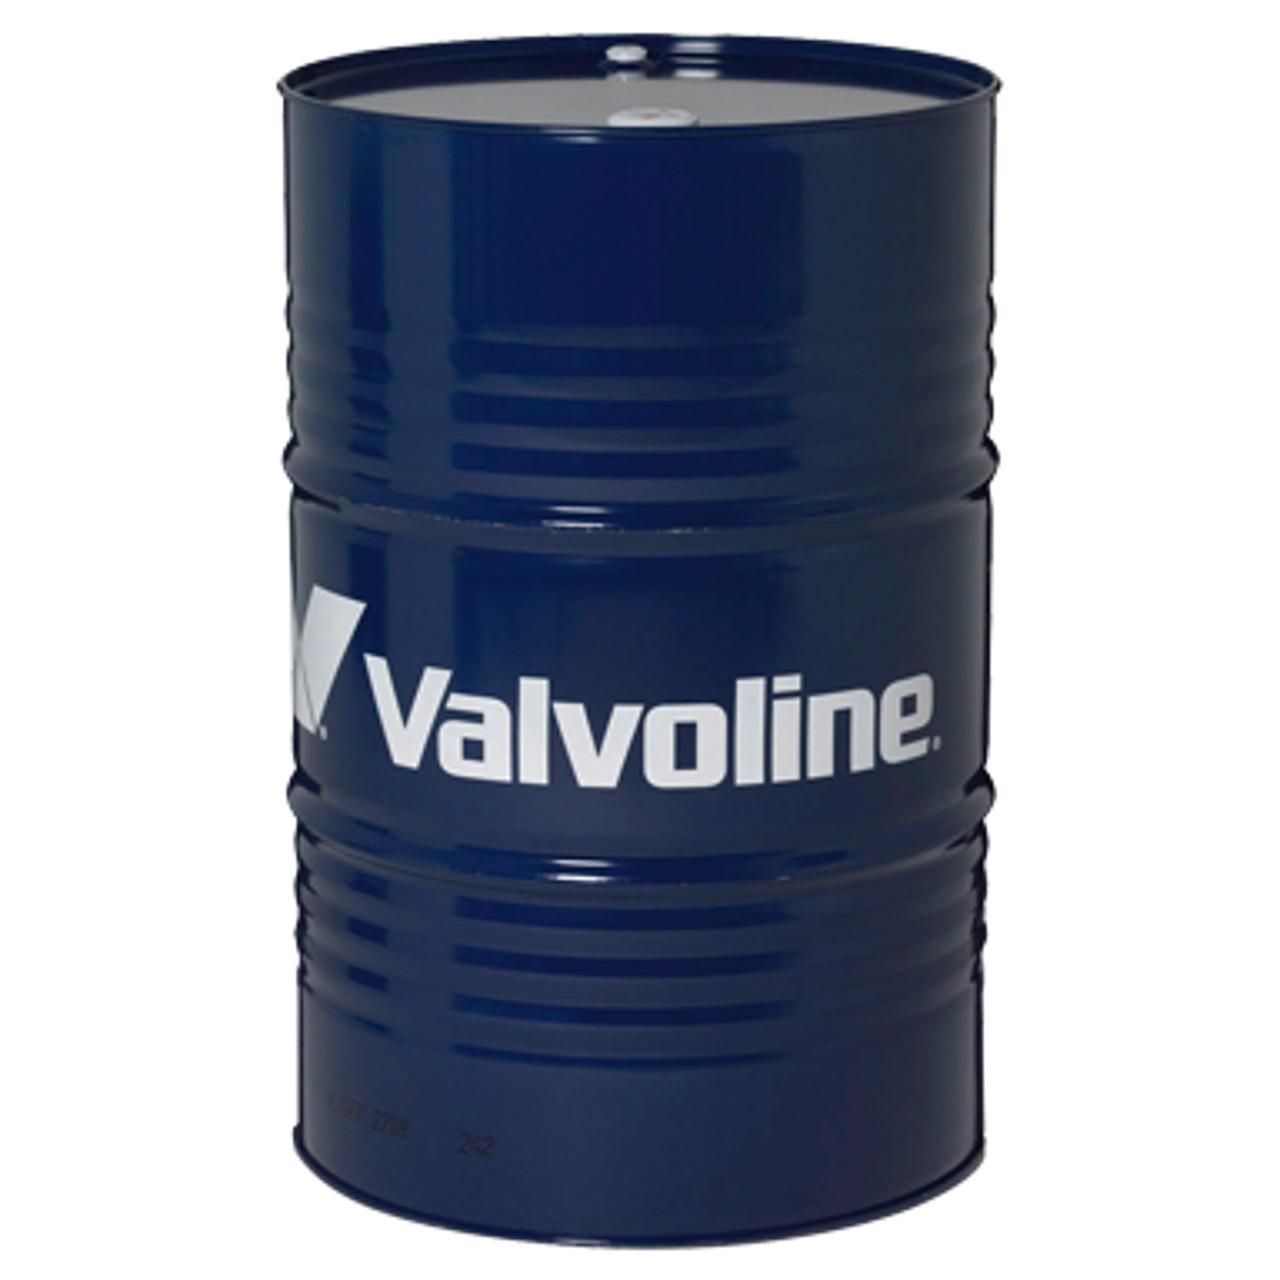 Motorový olej Valvoline All-Climate 10W-40, 60L